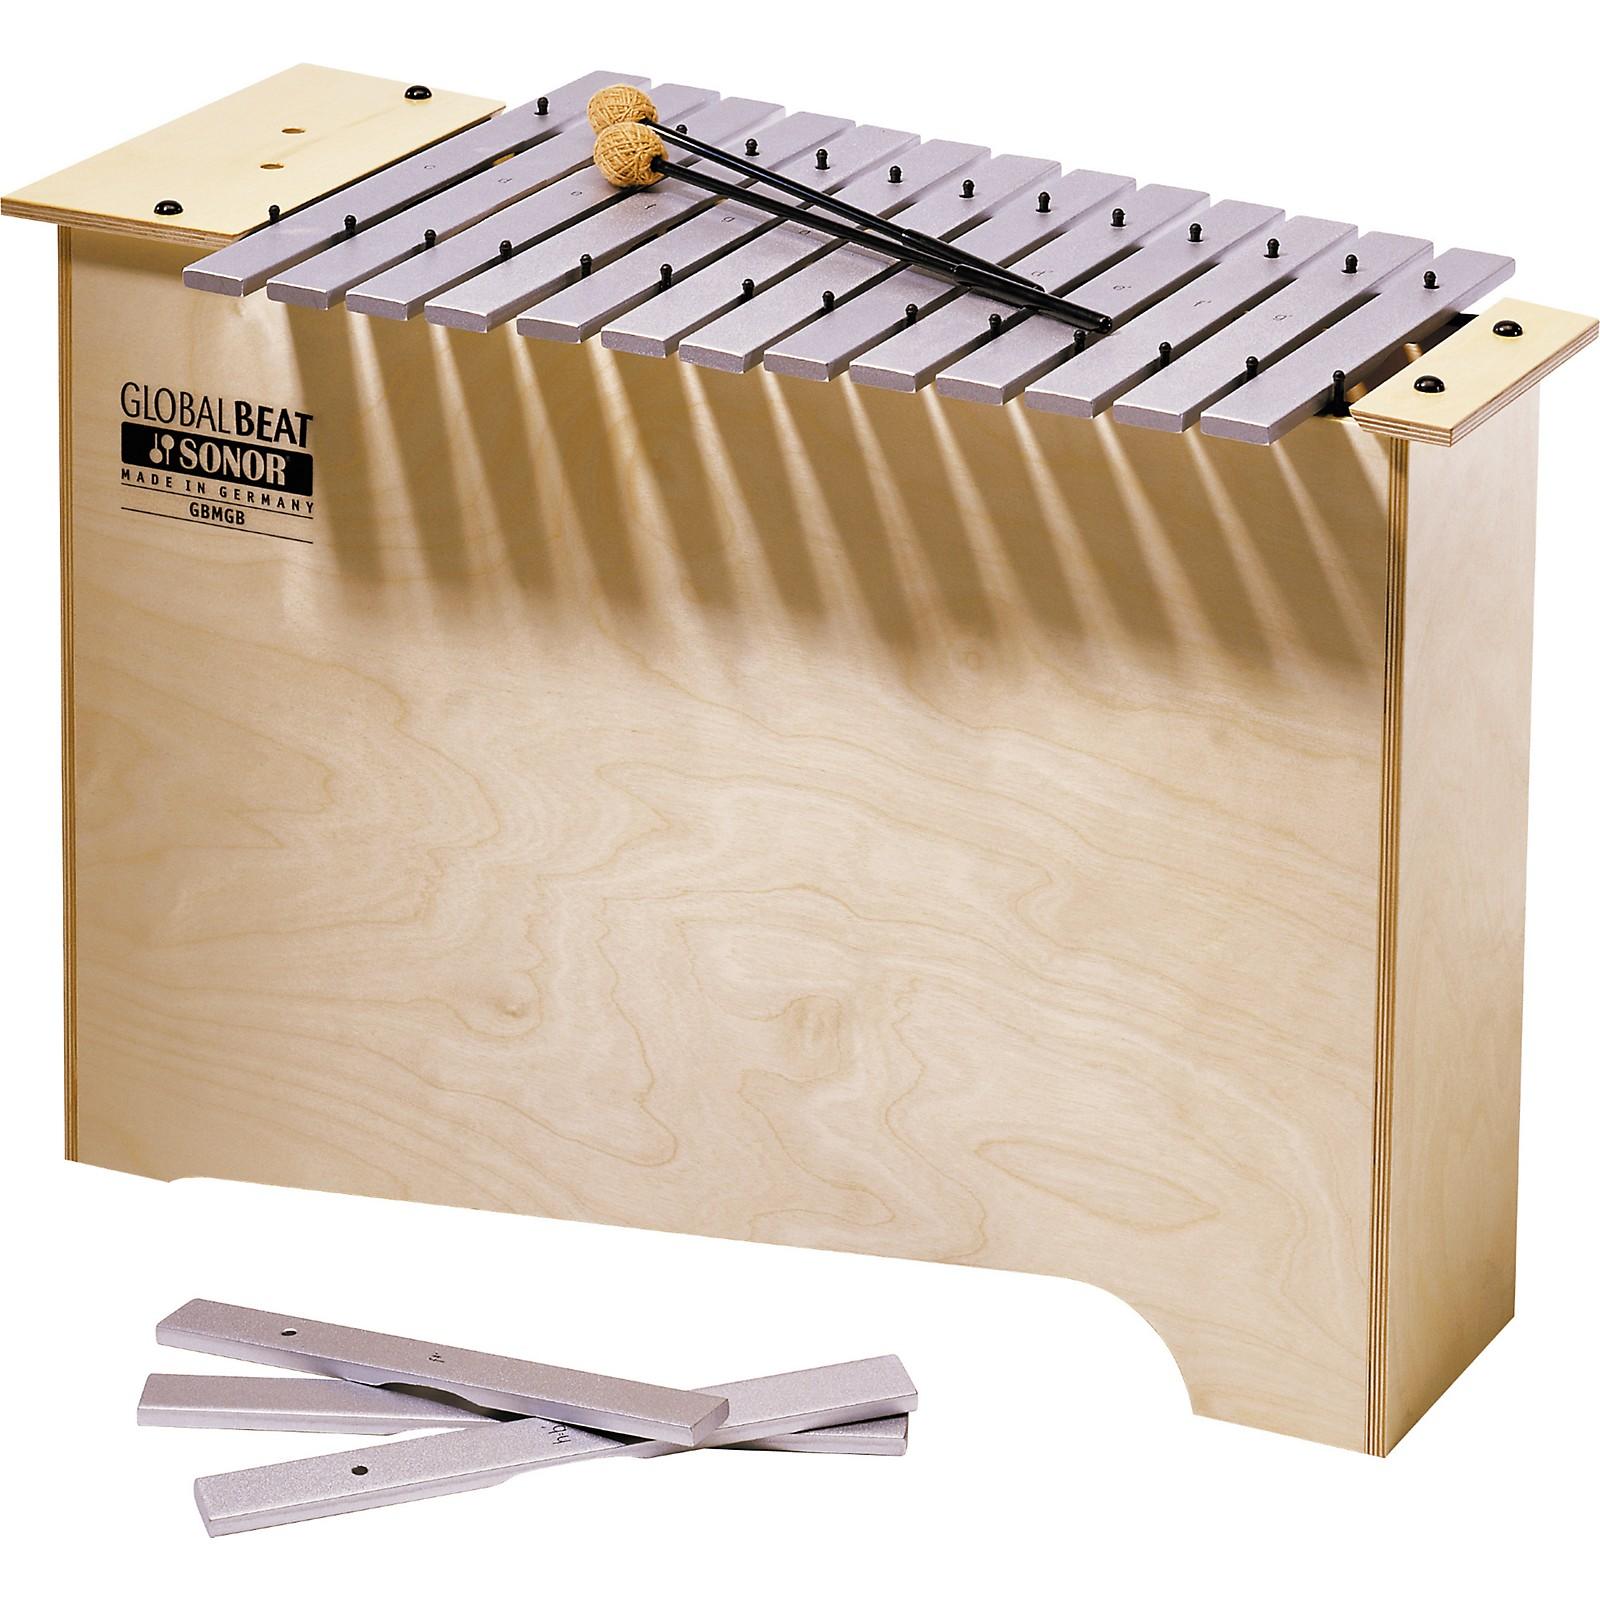 Sonor Orff Global Beat Deep Bass Metallophone